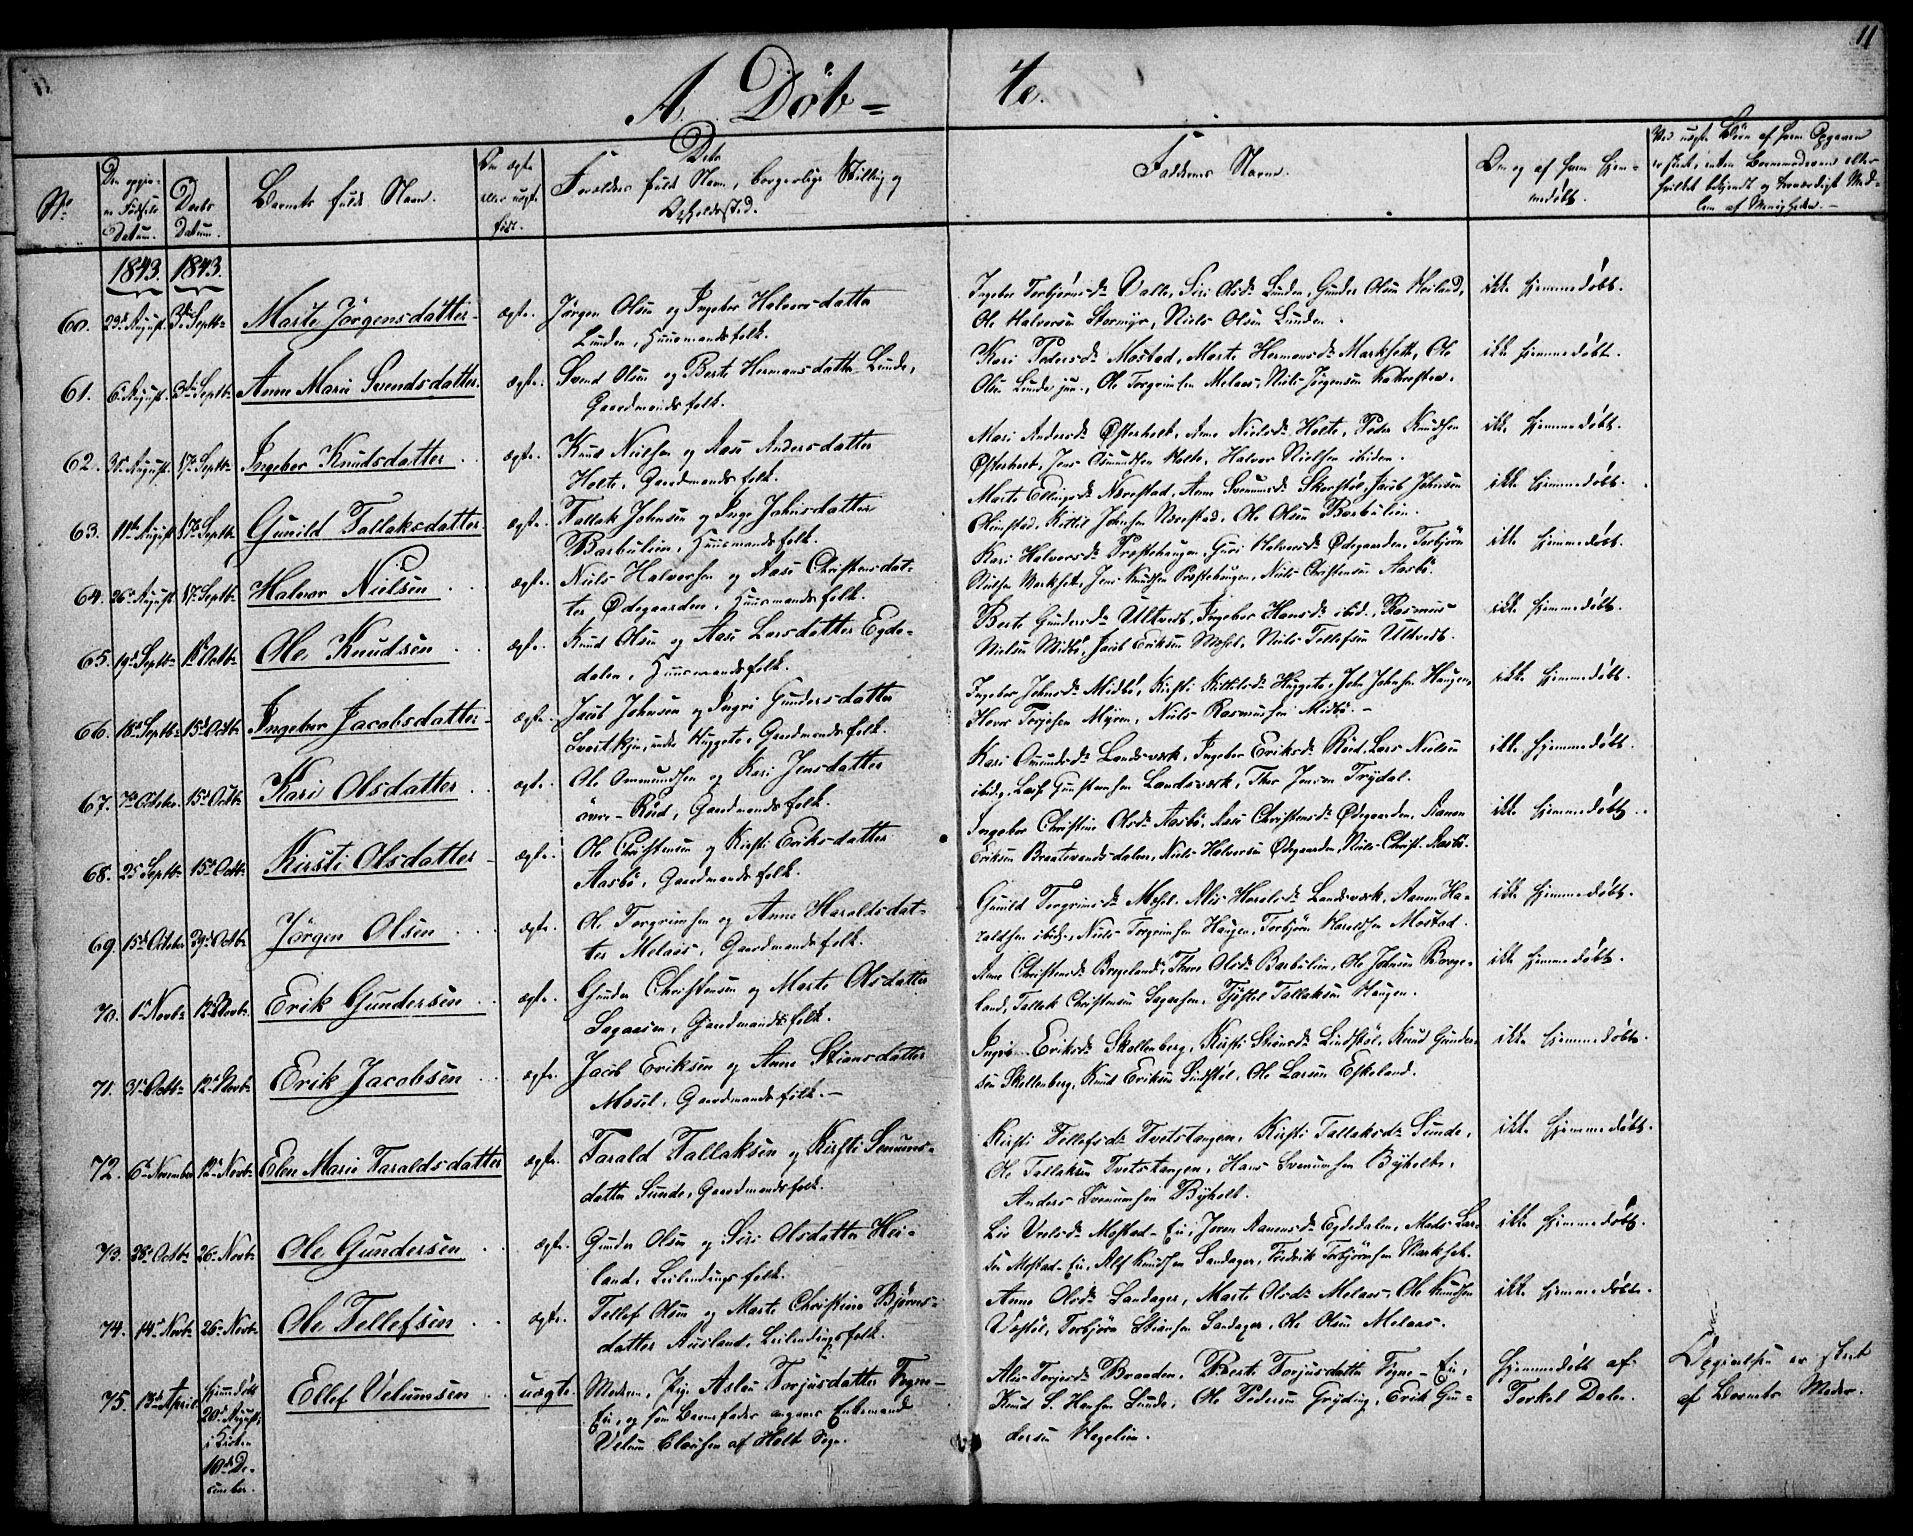 SAK, Gjerstad sokneprestkontor, F/Fa/Faa/L0006: Ministerialbok nr. A 6, 1841-1857, s. 11